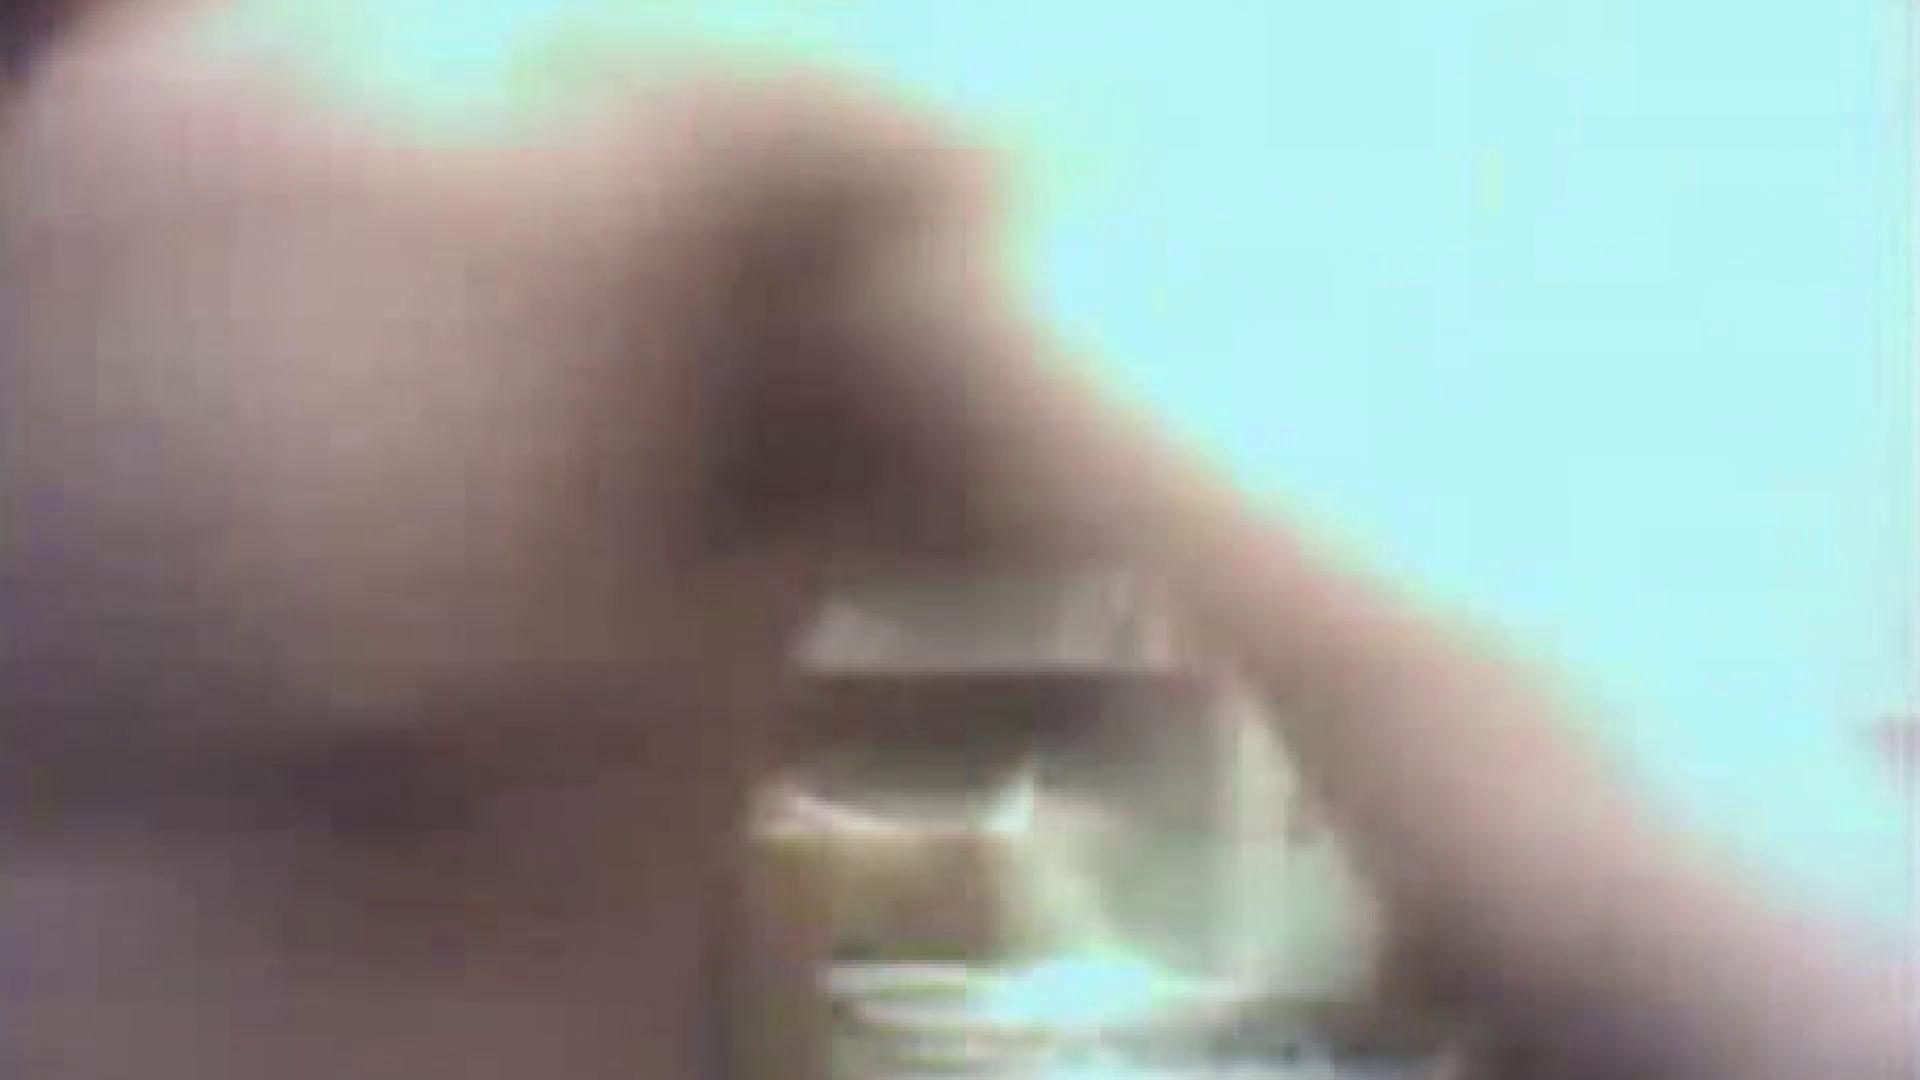 魅せろ!エロチャット!Vol.02 エロ ゲイセックス画像 97枚 56